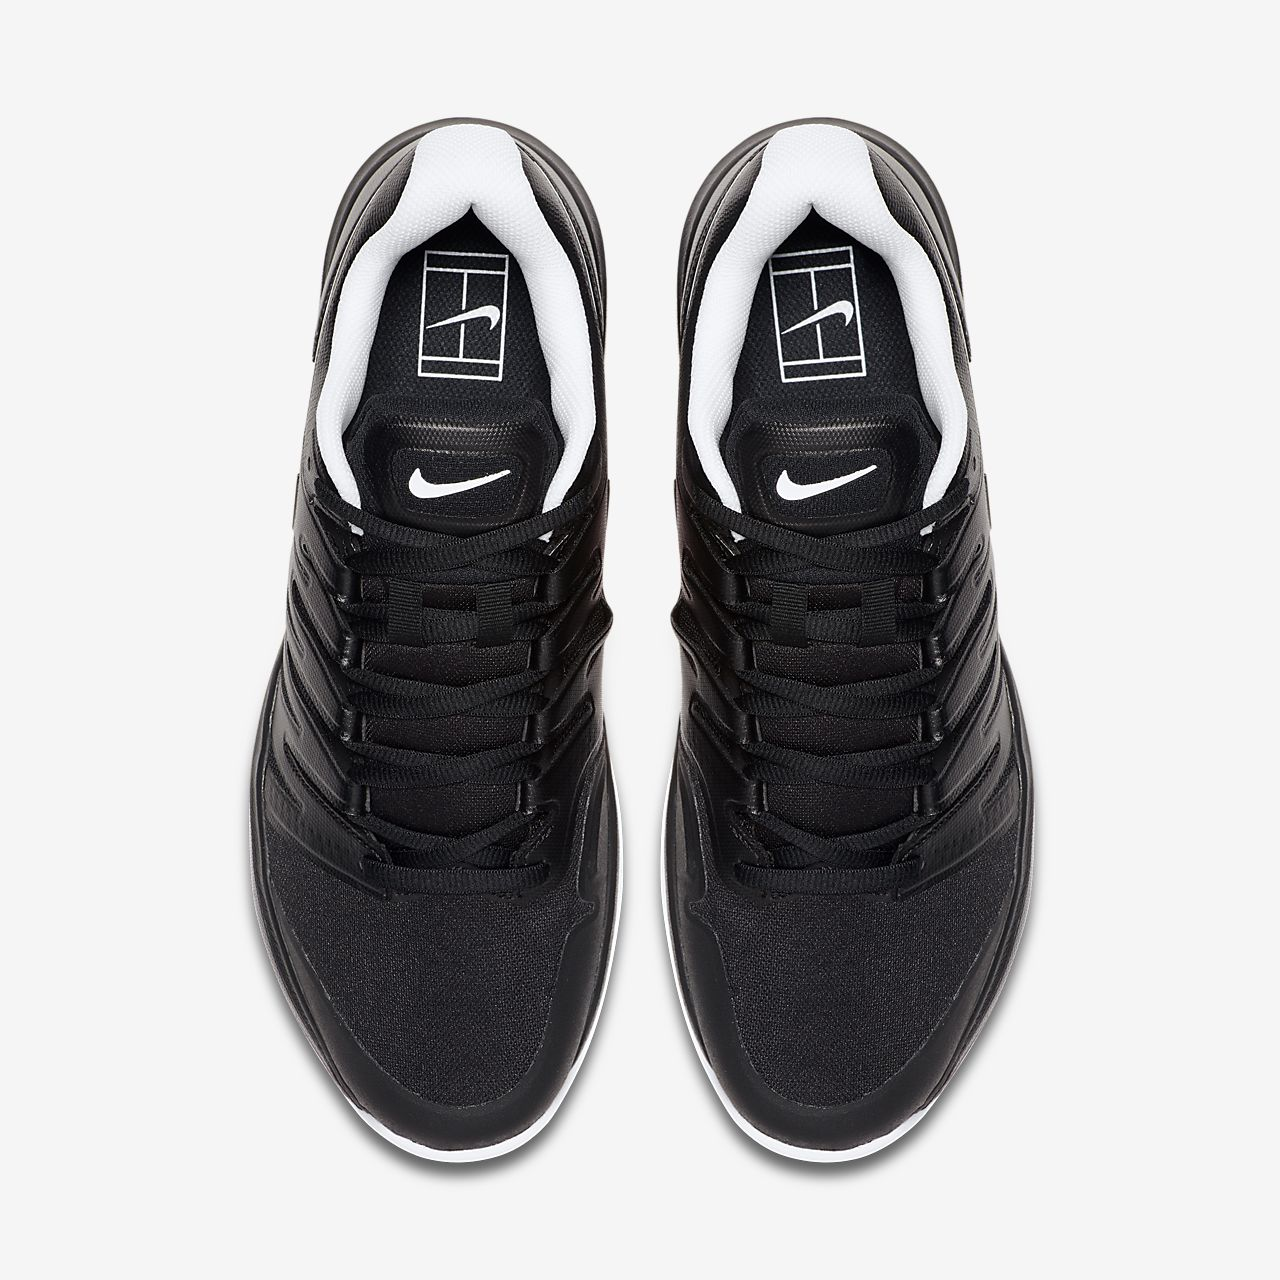 Nikecourt Hombre Zoom Prestige De Para Air Zapatillas Tierra Batida Tenis k8wnOP0